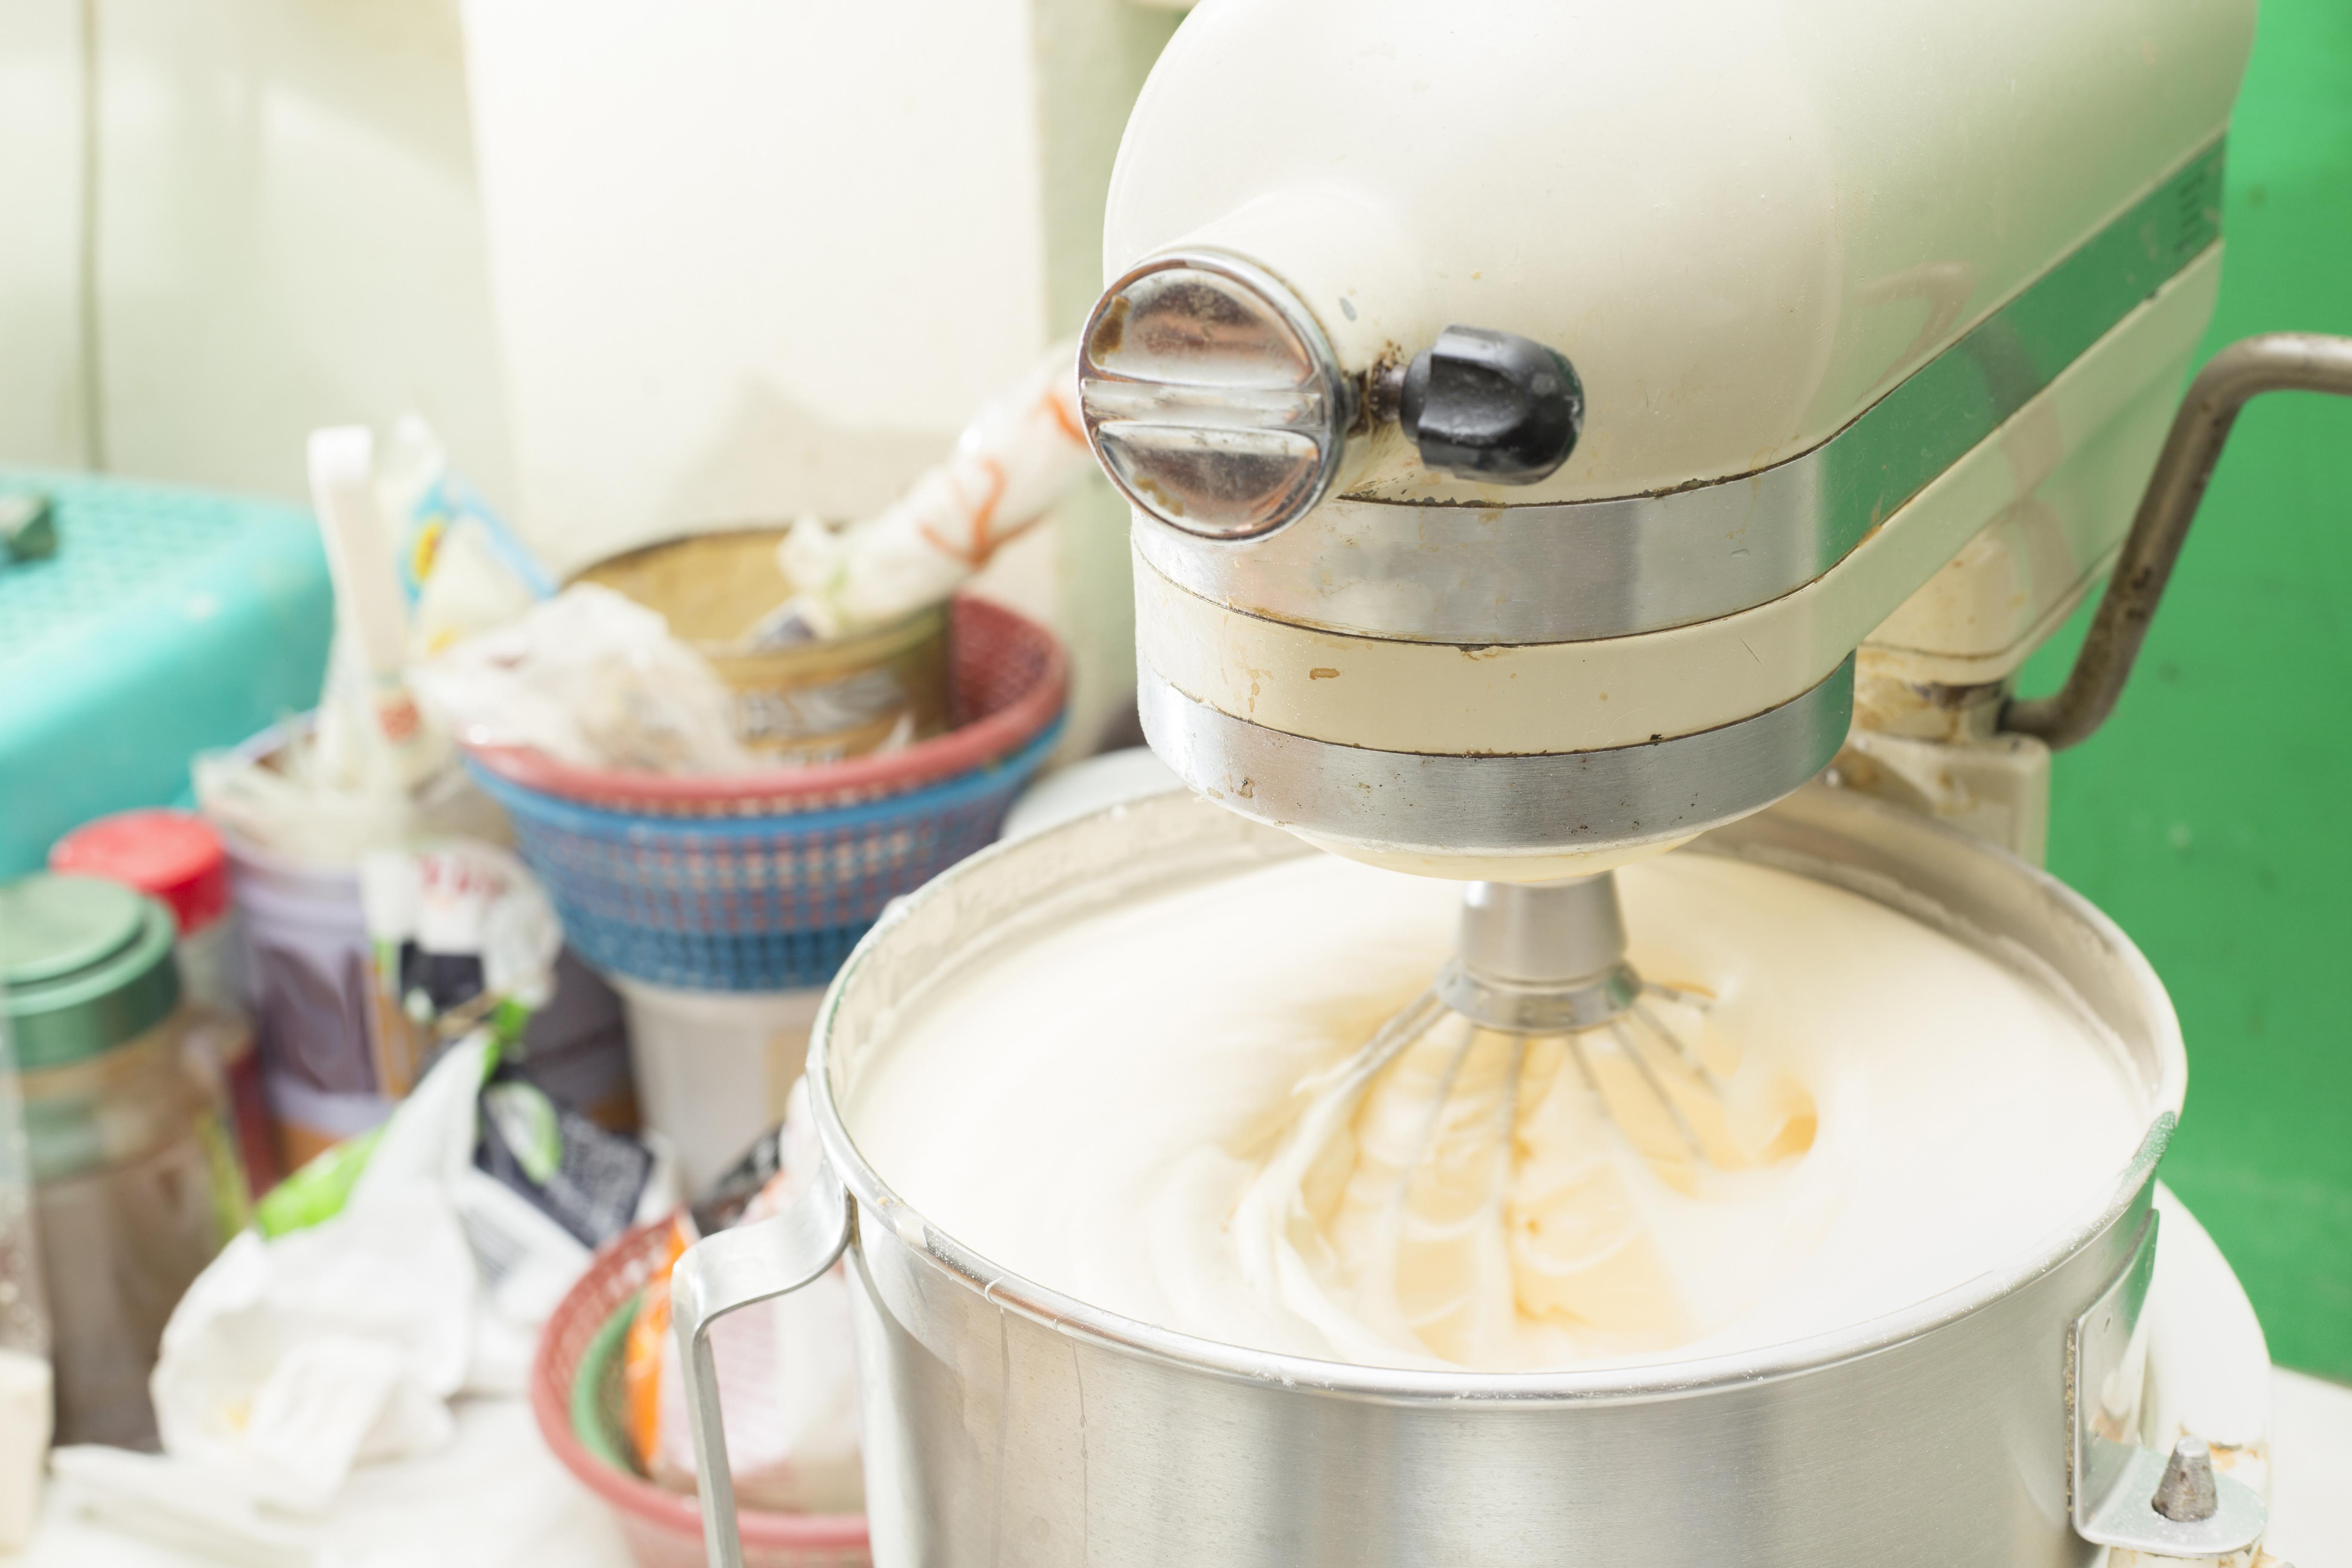 Kitchenaid K45ss Classic Vs Kitchenaid Artisan Mixer